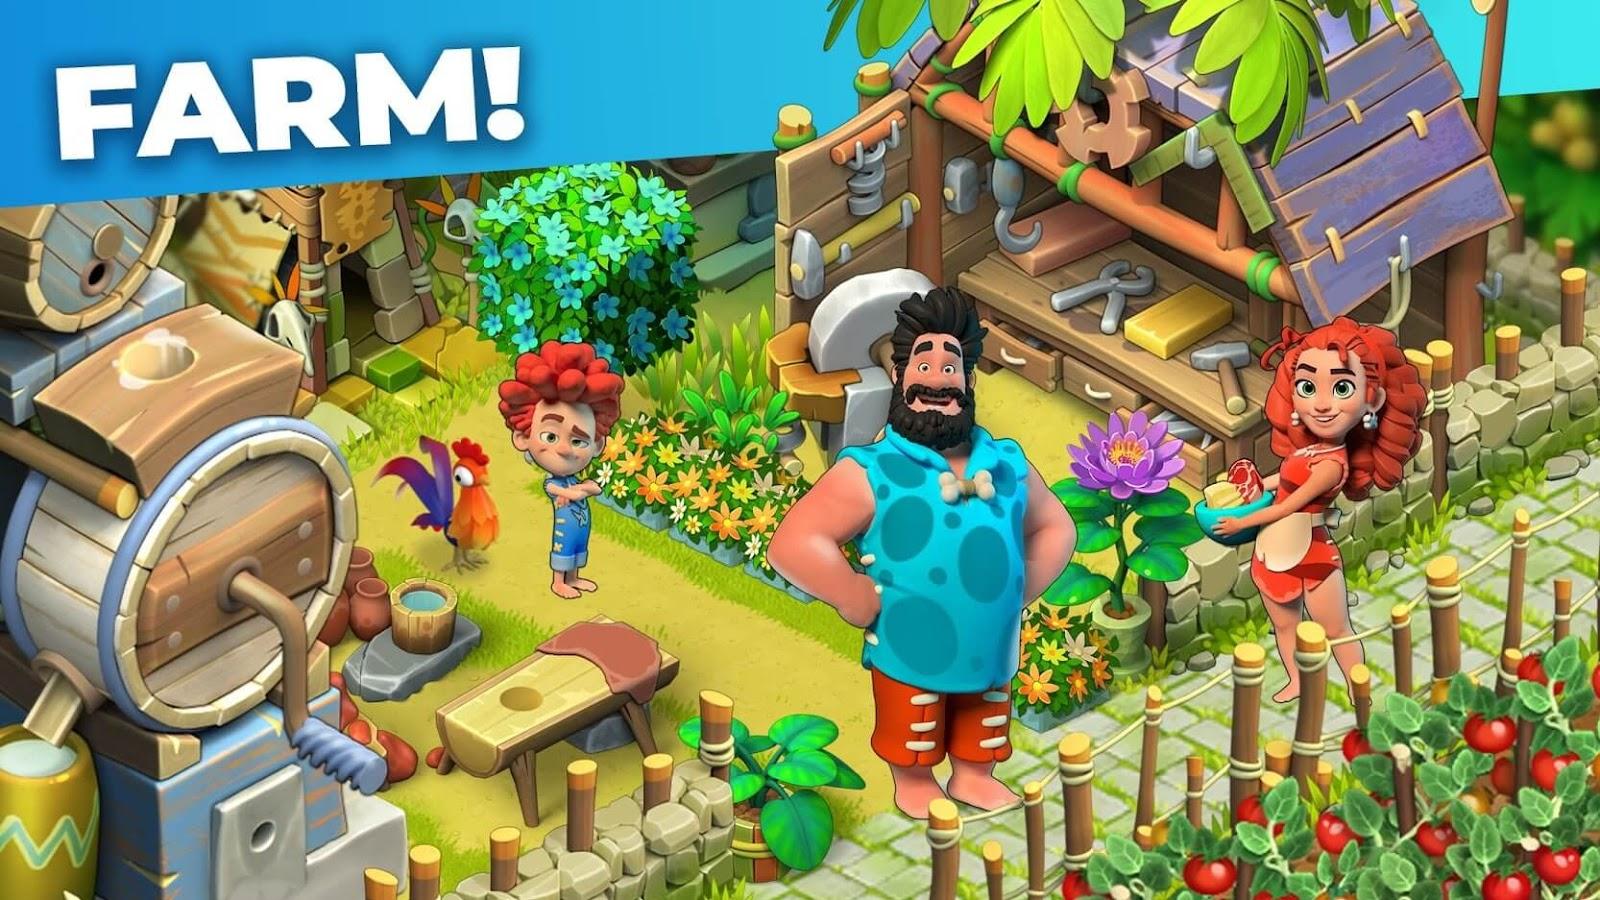 Family Island ، لعبة المزرعة المثيرة جدًا هي لعبة لا يمكنك تفويتها. إلى جانب زراعة الموارد واستغلالها